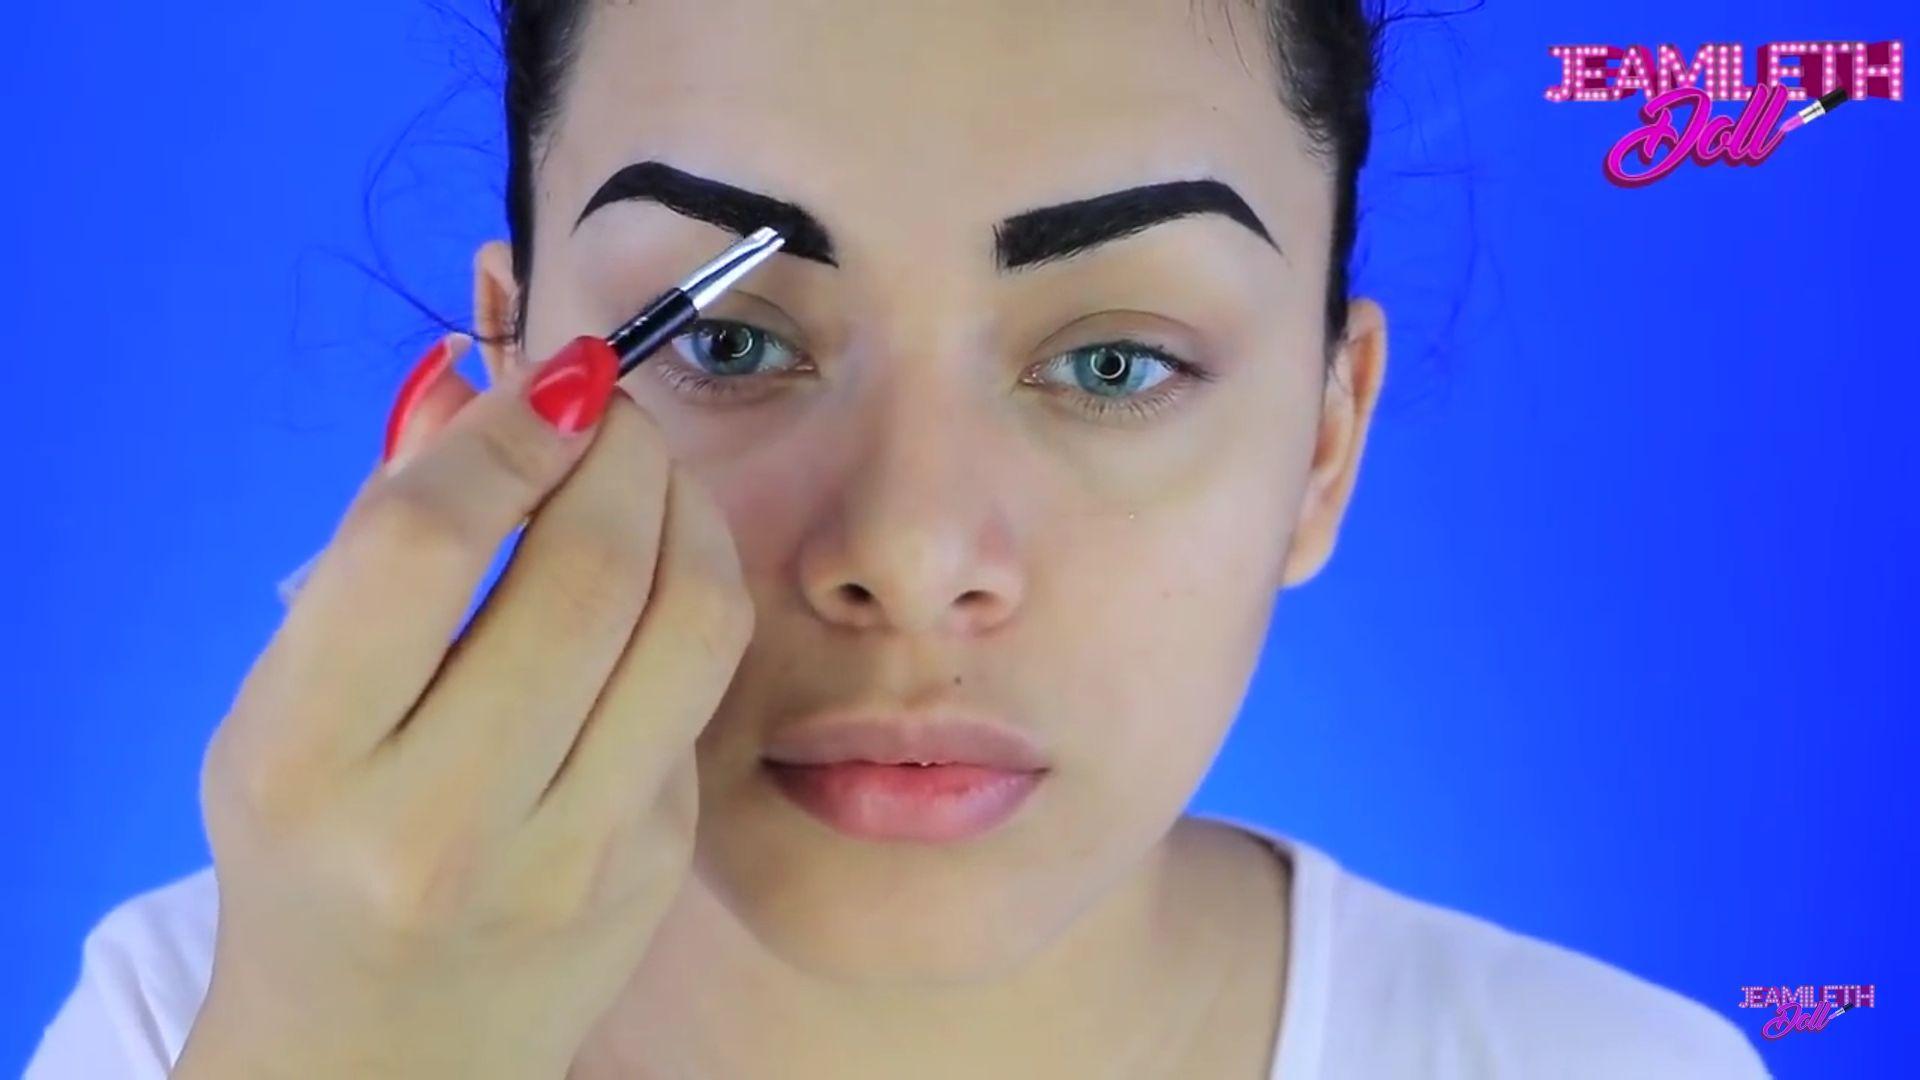 Maquíllate como la mujer maravilla pop art Doll 2020, acuarela para cejas